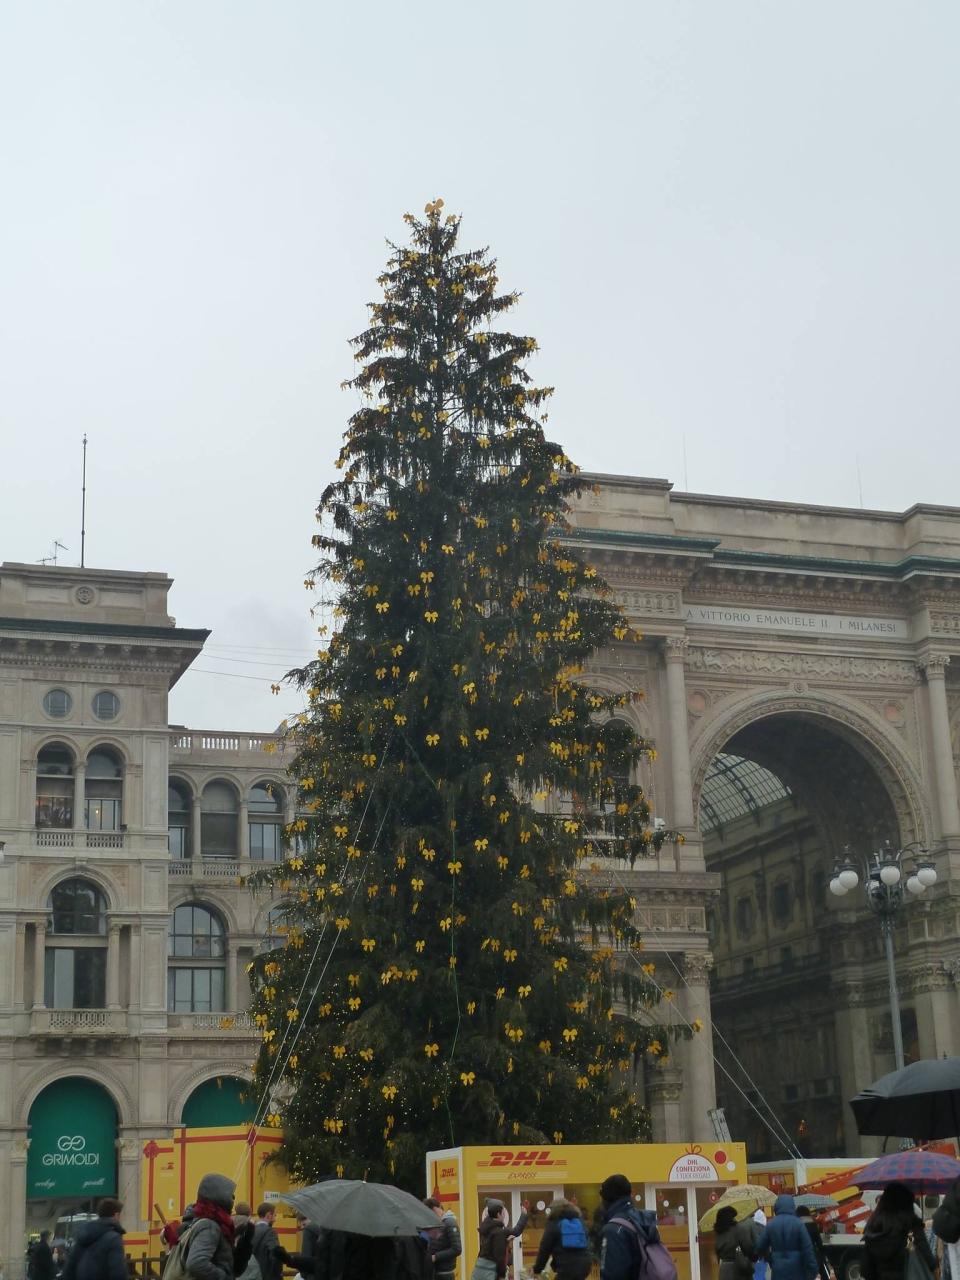 albero di Natale in piazza Duomo a Milano - foto di Pasquale Campolo